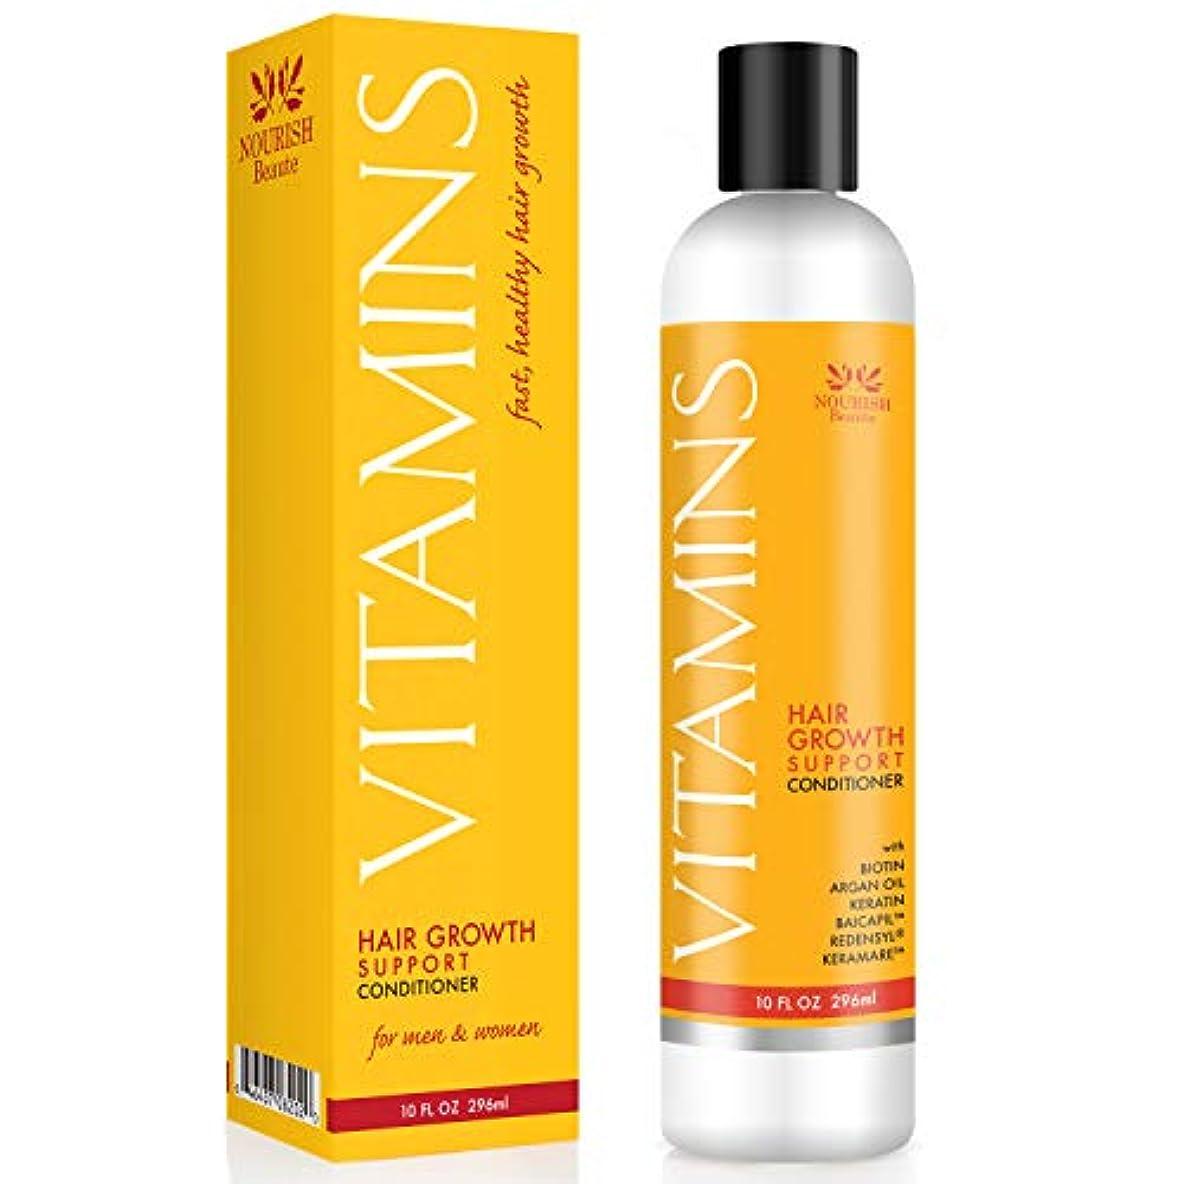 尾はいうつVitamins - オーガニック 脱毛トリートメント コンディショナー Organic Hair Loss Treatment and Conditioner, 10 Ounce (296ml)